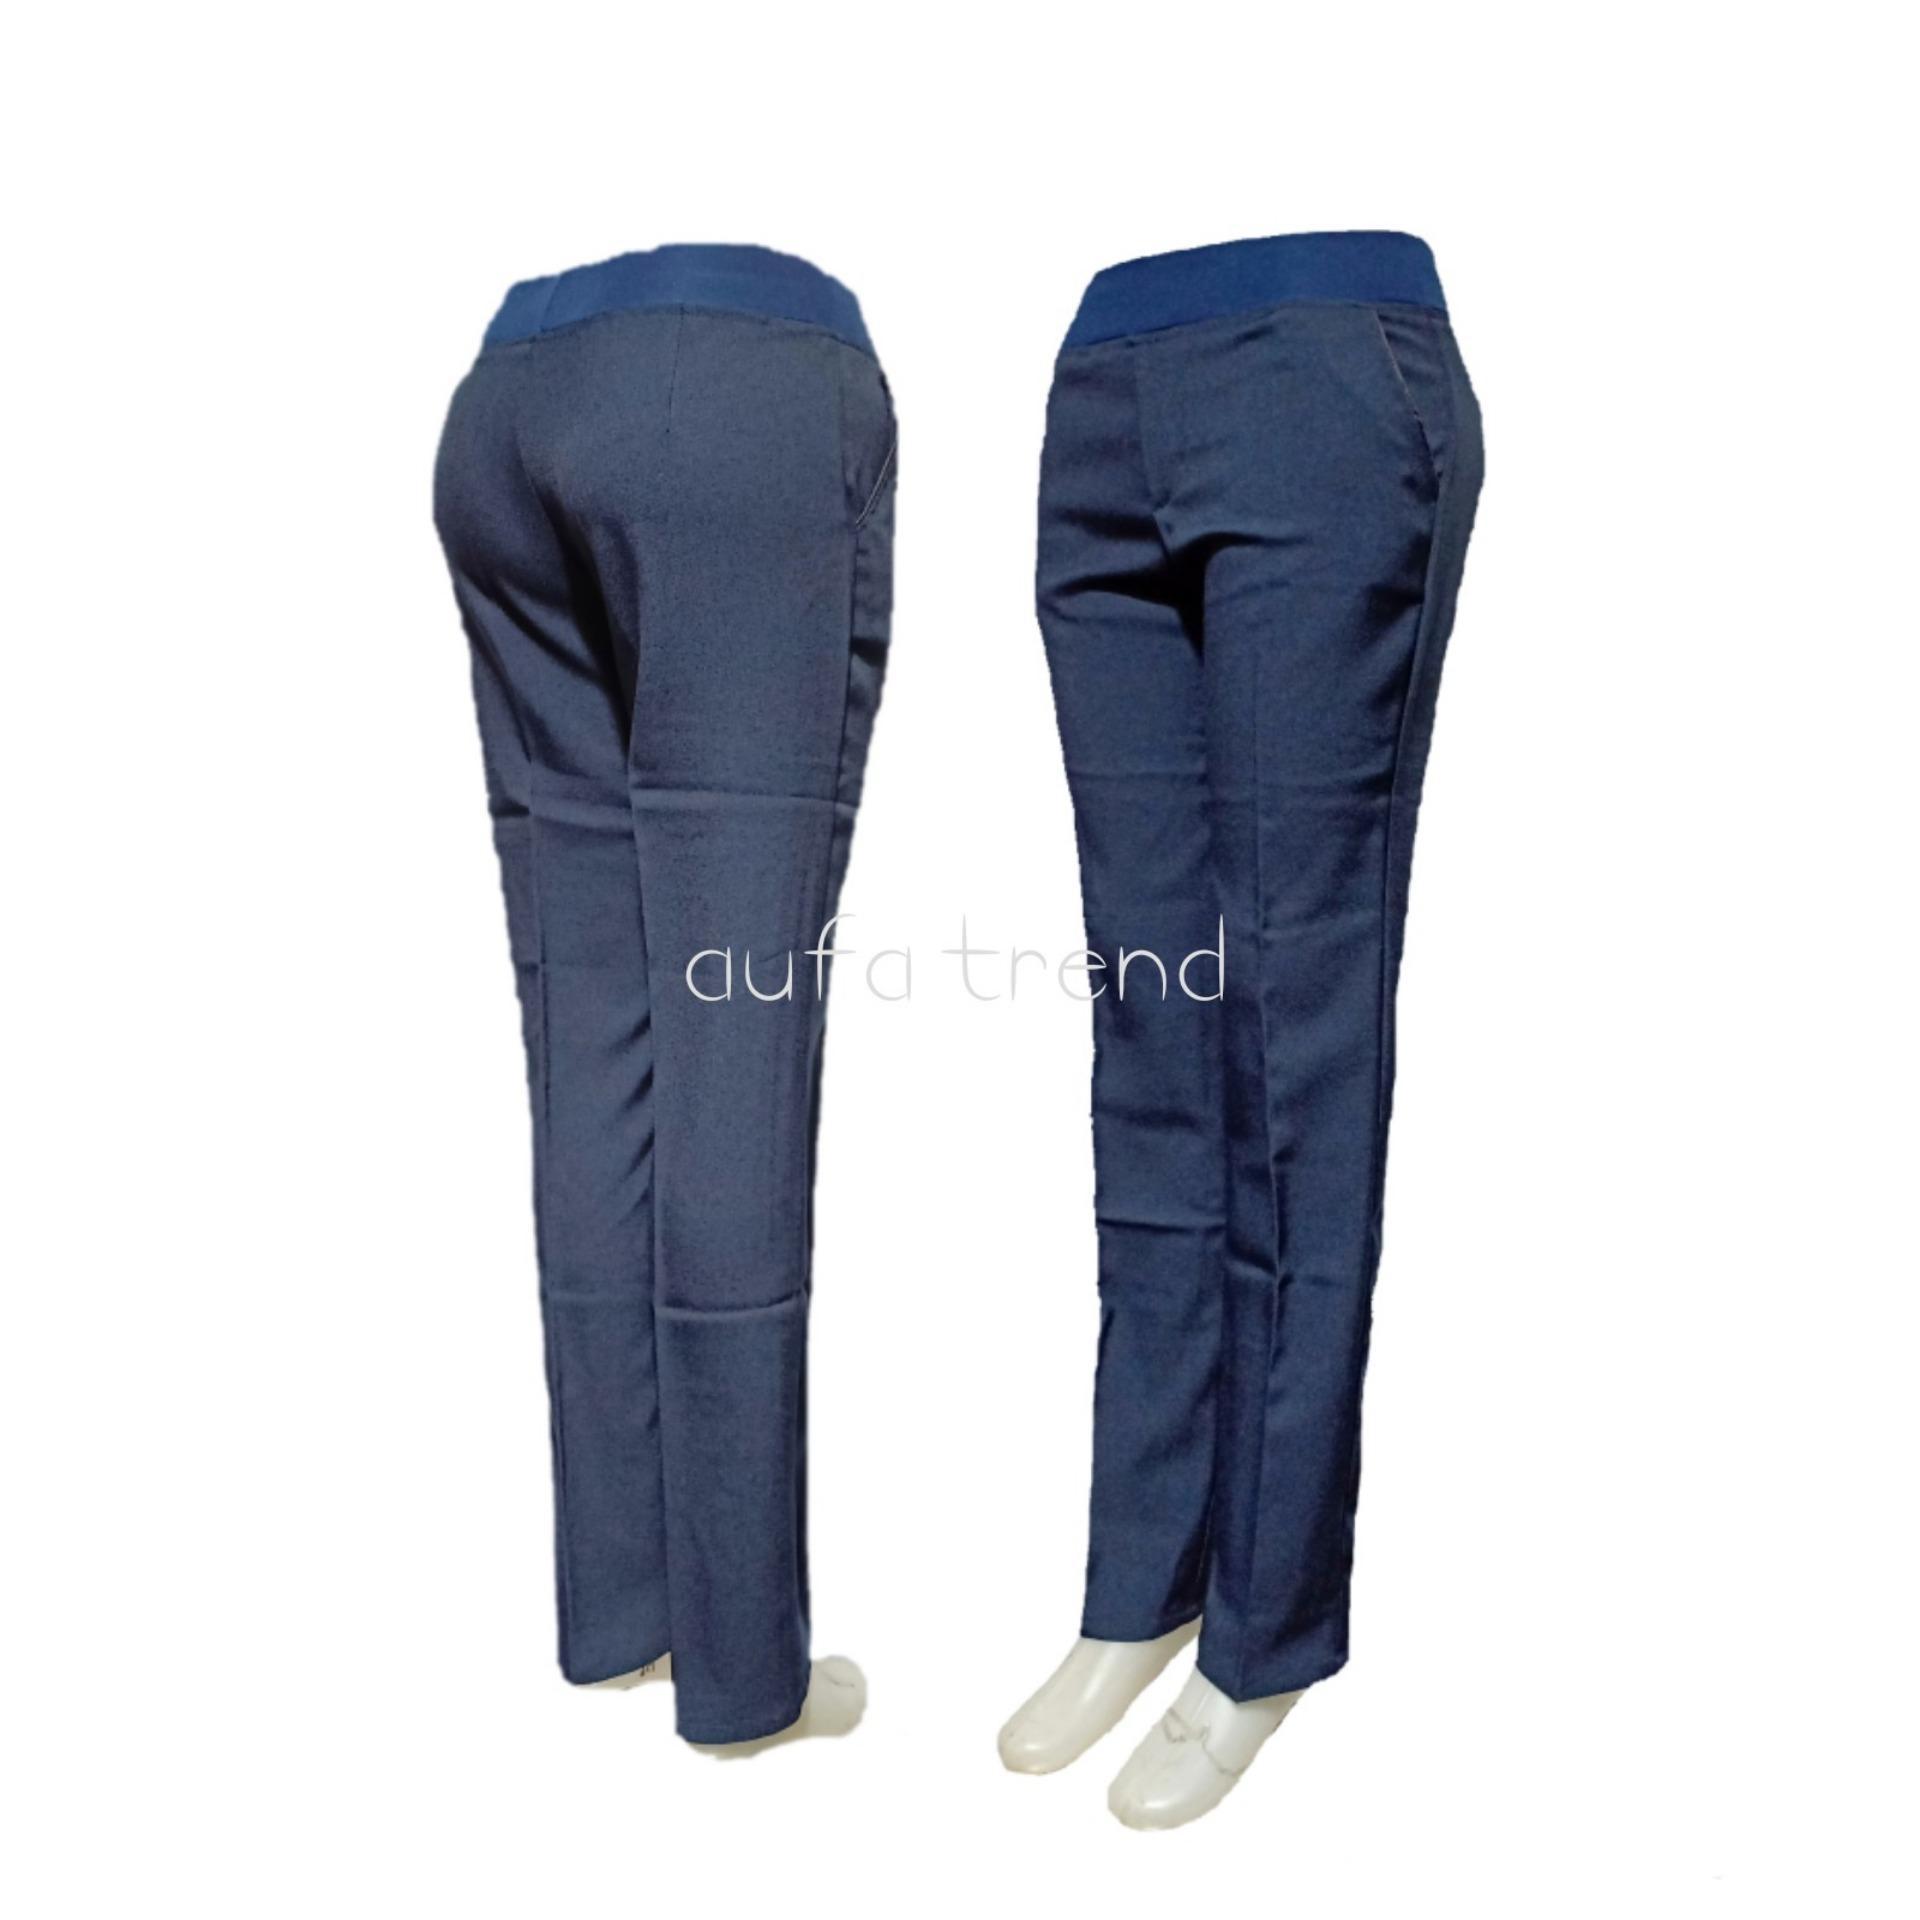 Katalog Jual Celana Panjang Wanita Kerja 2018 Pria Bahan Formal Hr 832 Kantor